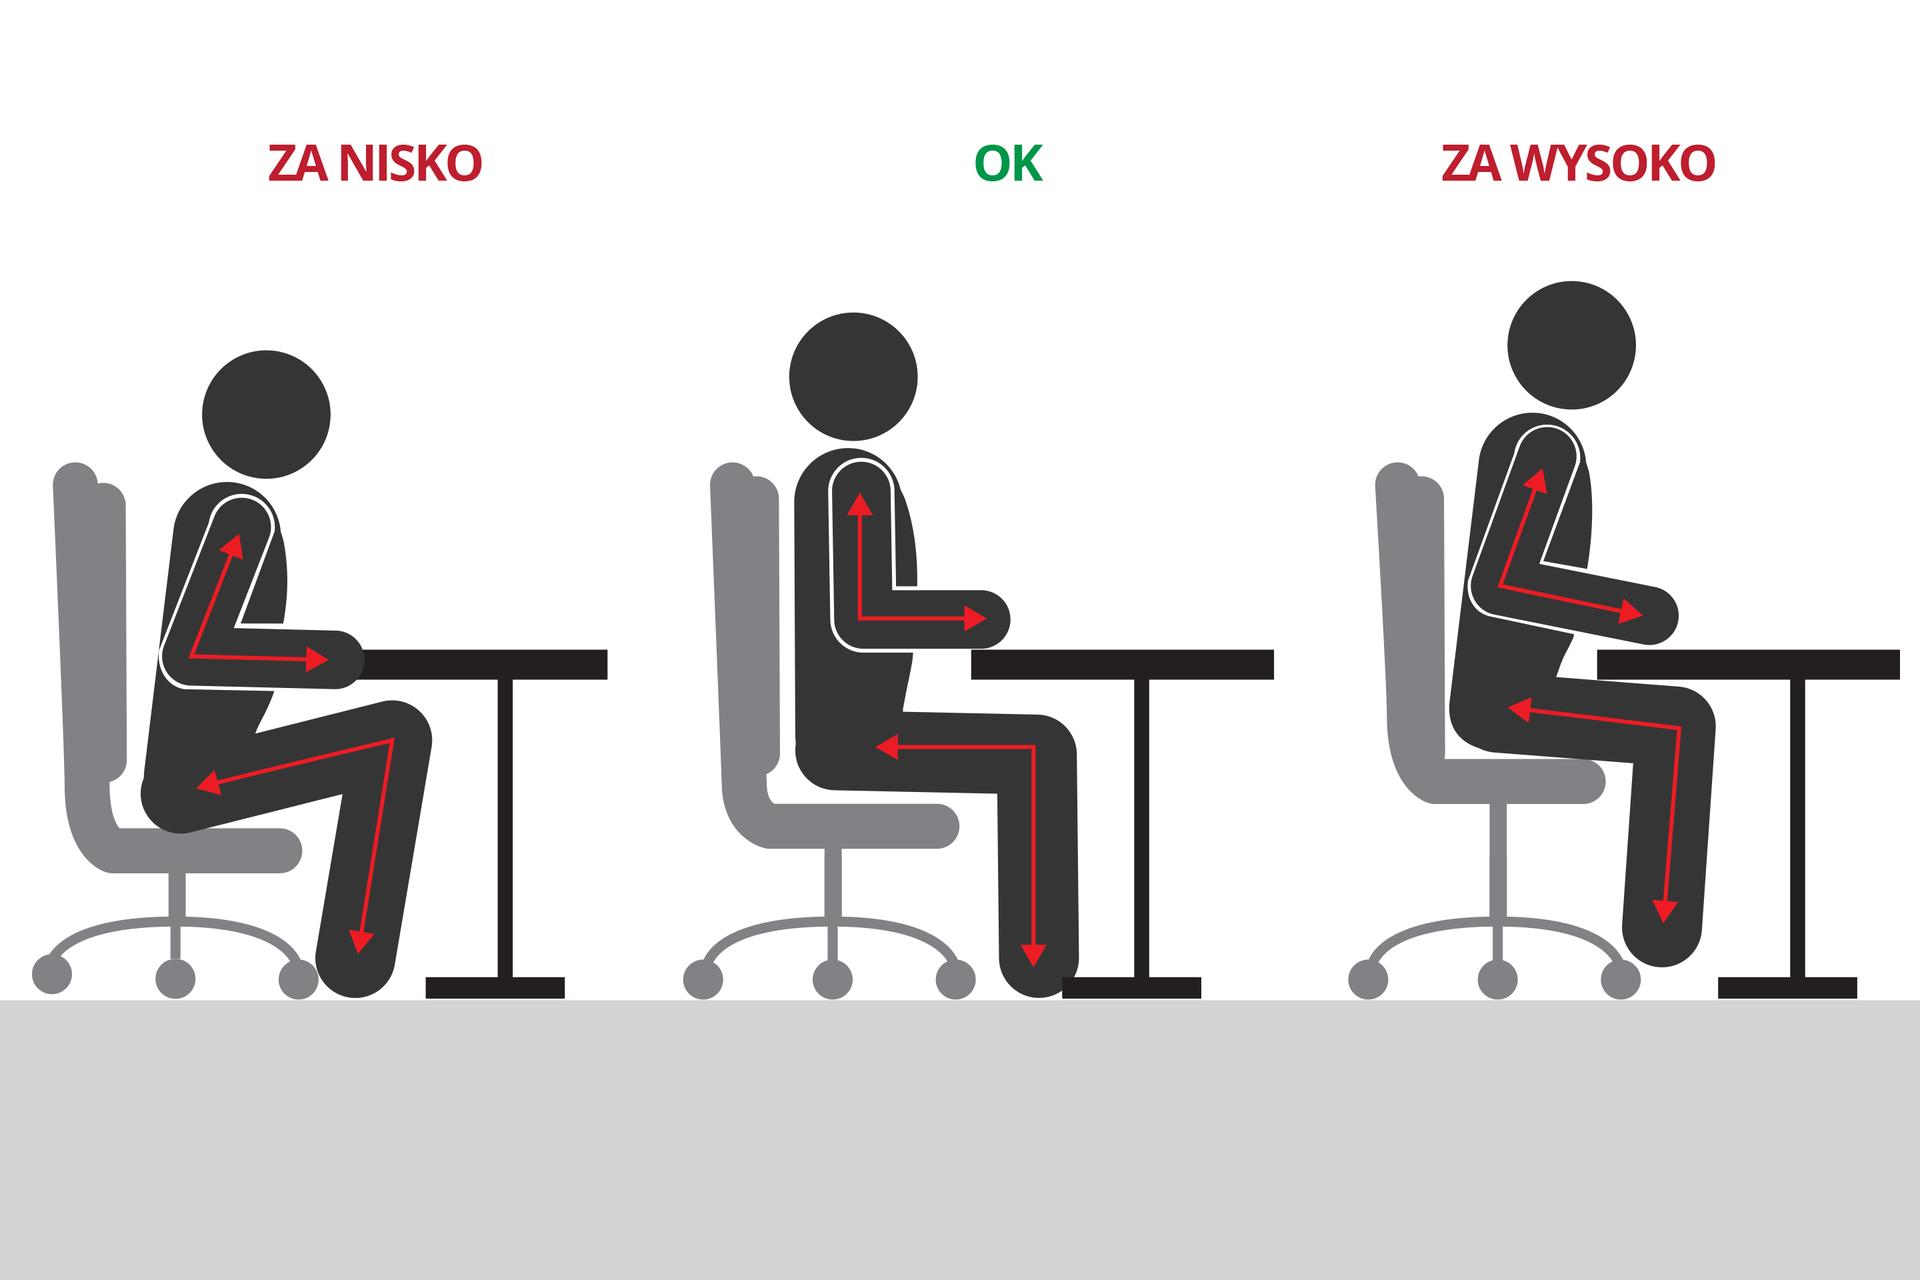 Galeria zawiera 3 plansze zilustracjami na temat pozycji ciała podczas nauki. Ilustracja przedstawia 3 schematyczne czarne sylwetki człowieka, siedzącego na szarym fotelu przy biurku. Wsylwetki wrysowano czerwone strzałki, obrazujące kąt zgięcia wstawie. Rysunek zlewej: za nisko. Kolana mocno zgięte, tułów pochylny, łokcie do tyłu. Rysunek środkowy: prawidłowo. Wstawach kąty proste, plecy na oparciu fotela. Rysunek zprawej: za wysoko. Kolana rozwarte, łokcie do tyłu, tułów pochylony.